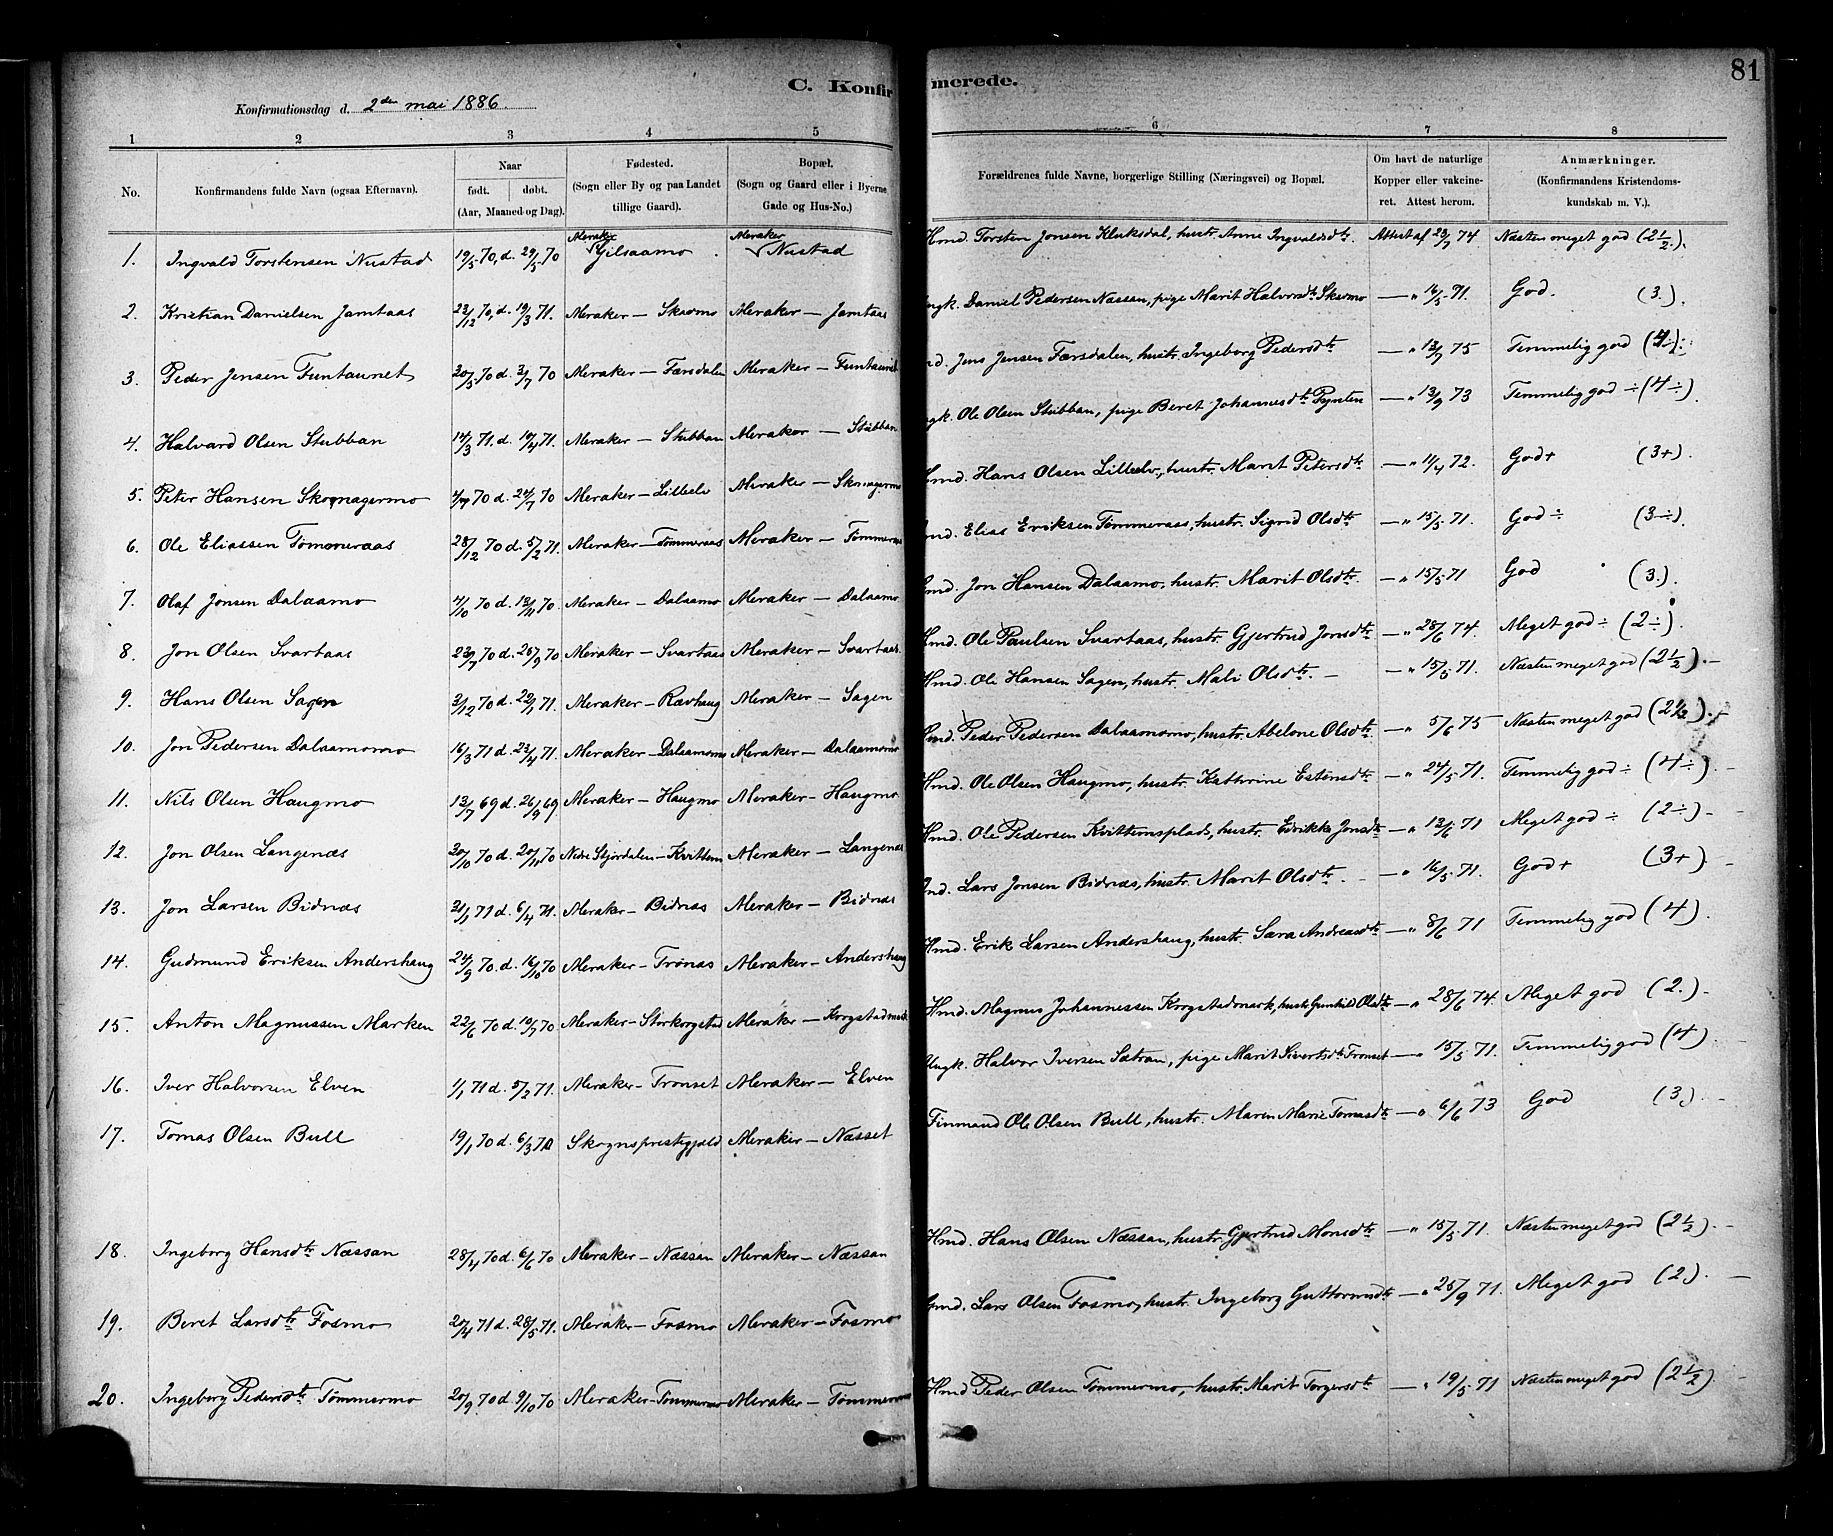 SAT, Ministerialprotokoller, klokkerbøker og fødselsregistre - Nord-Trøndelag, 706/L0047: Parish register (official) no. 706A03, 1878-1892, p. 81